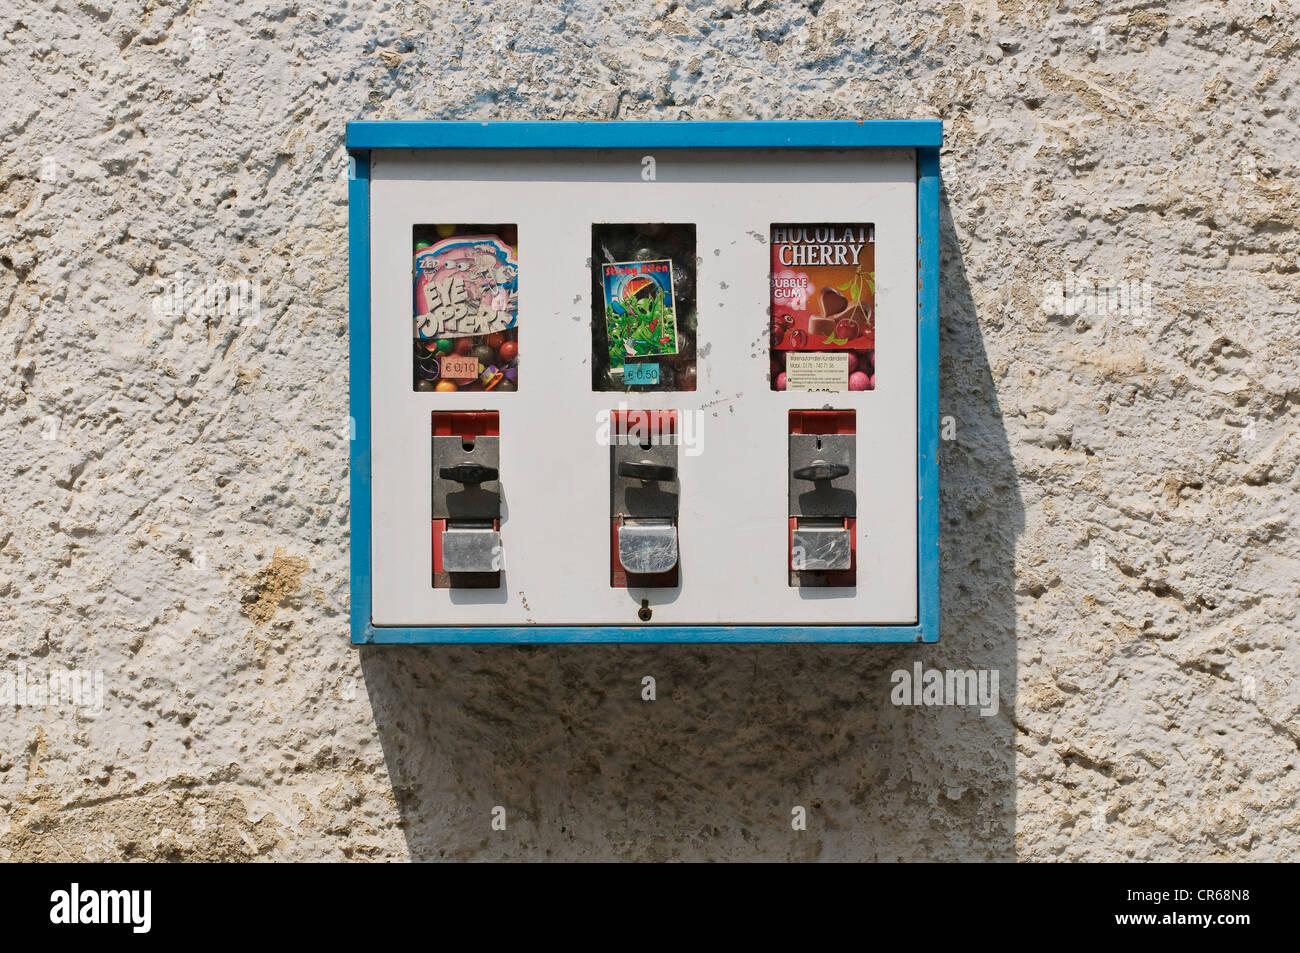 Gumball vending machine - Stock Image